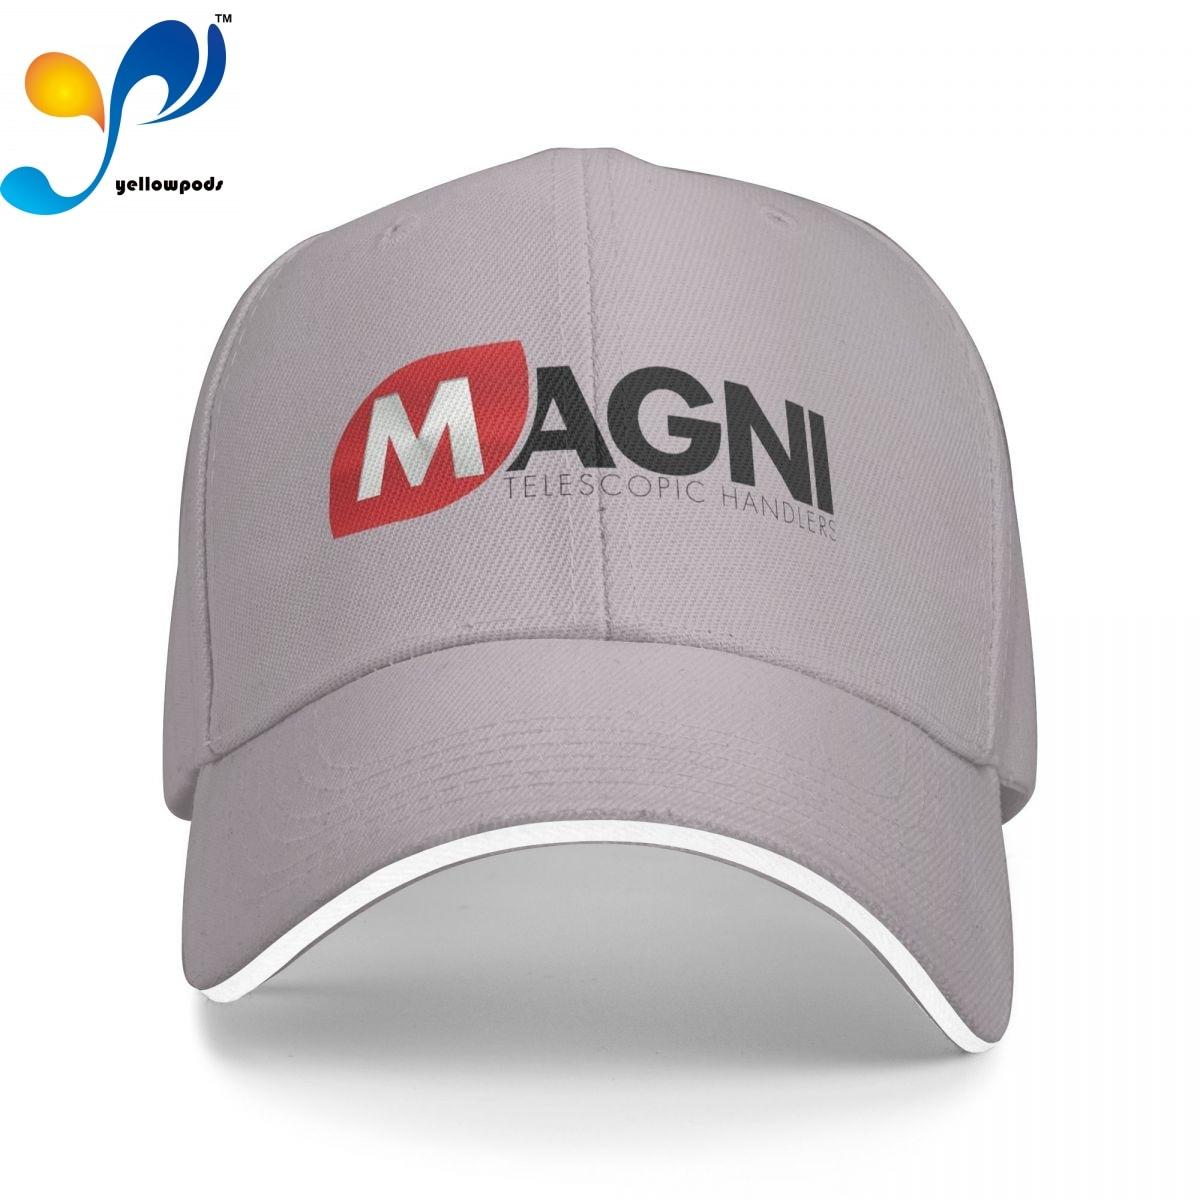 Бейсболка M-a-g-n-i унисекс, регулируемые бейсболки, шапки с клапаном, с логотипом мотоцикла для мужчин и женщин